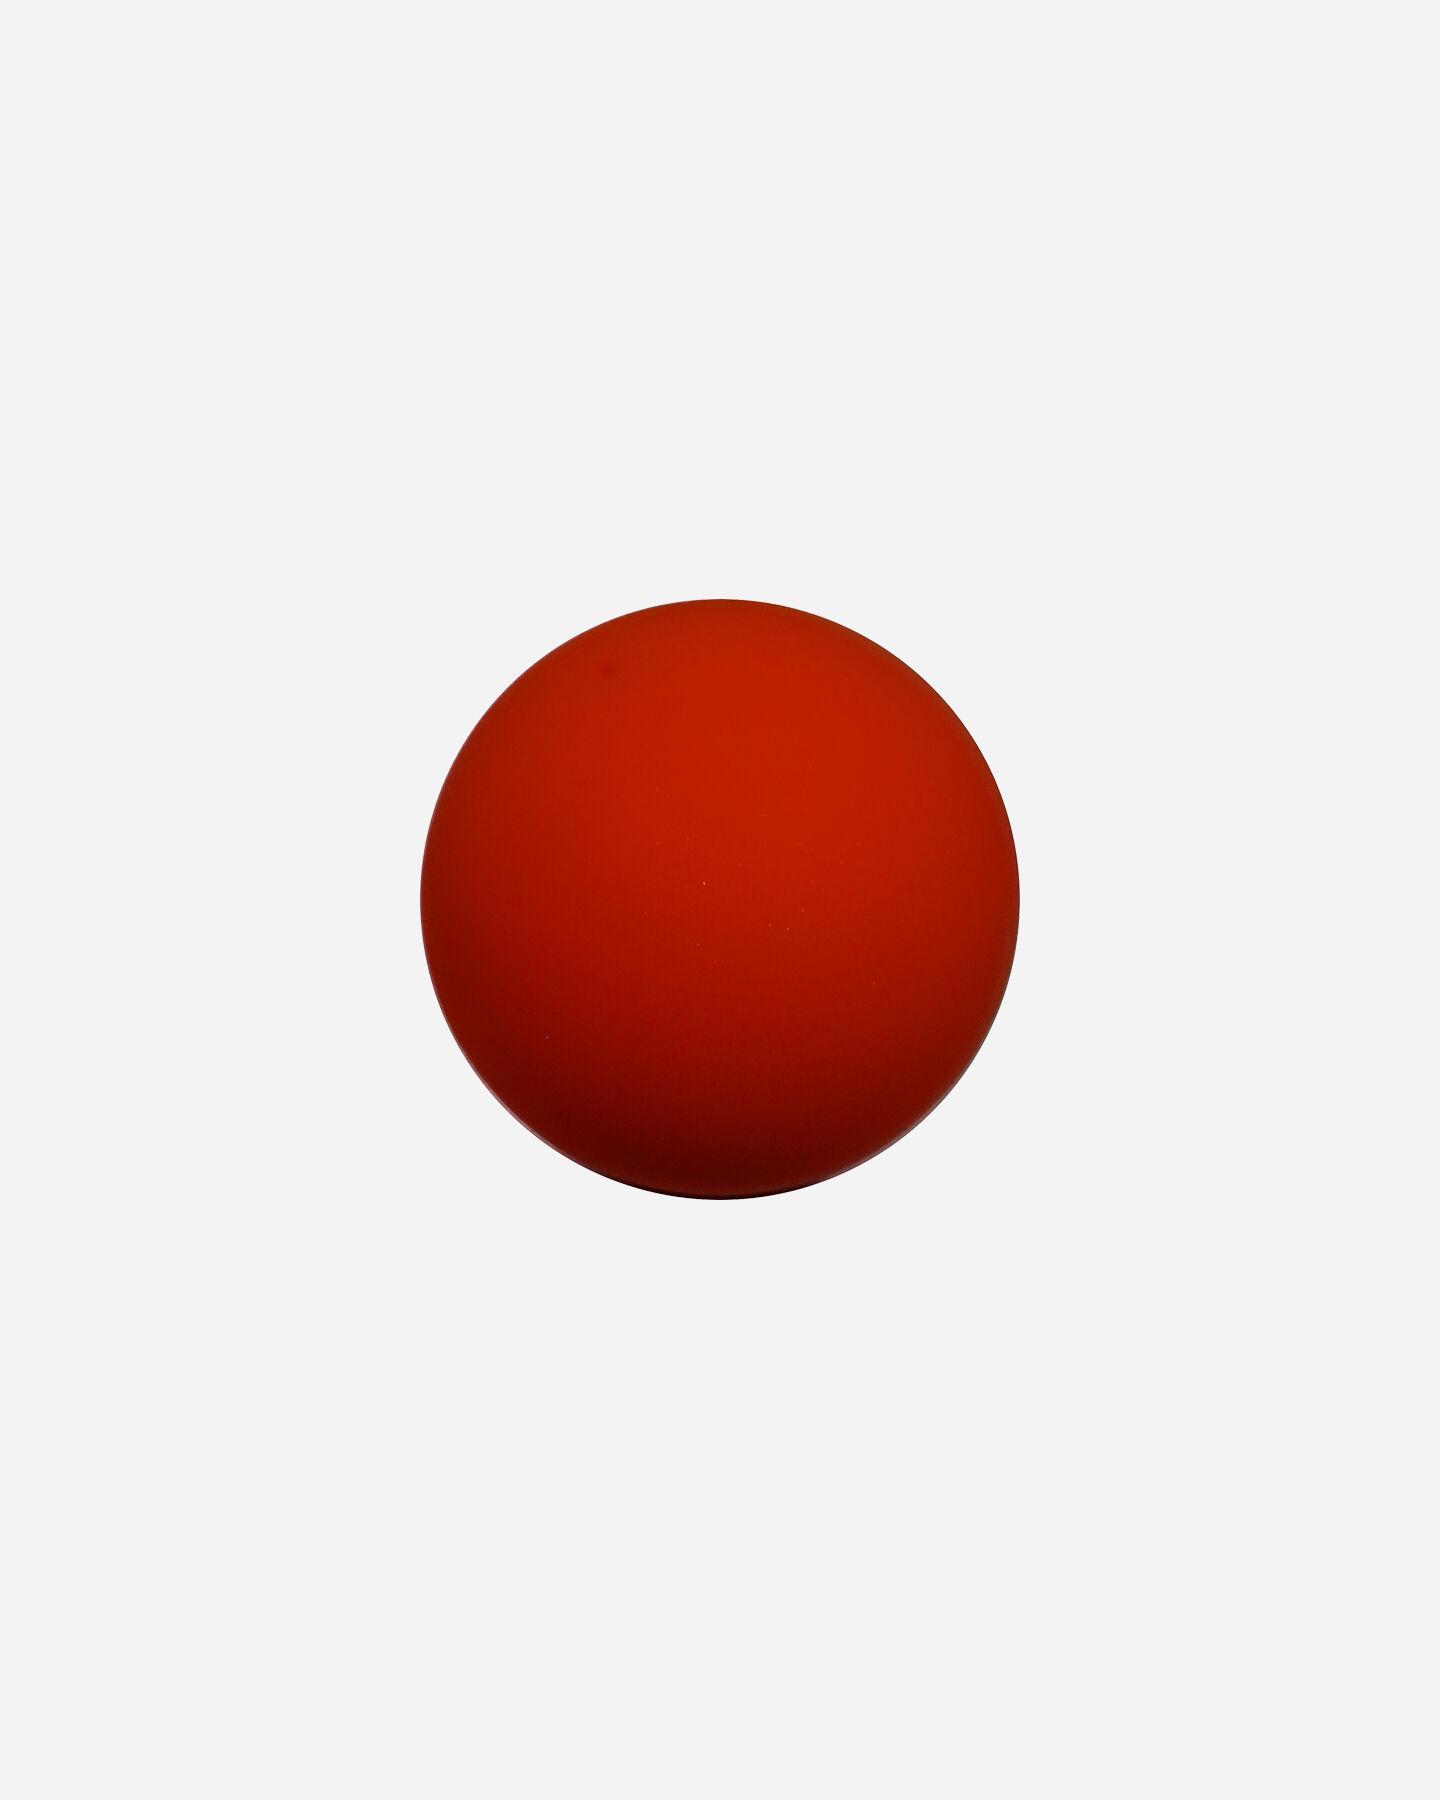 Pallone sport vari ATABIANO PALLE SPUGNA D70 3PZ S4001909|1|UNI scatto 2